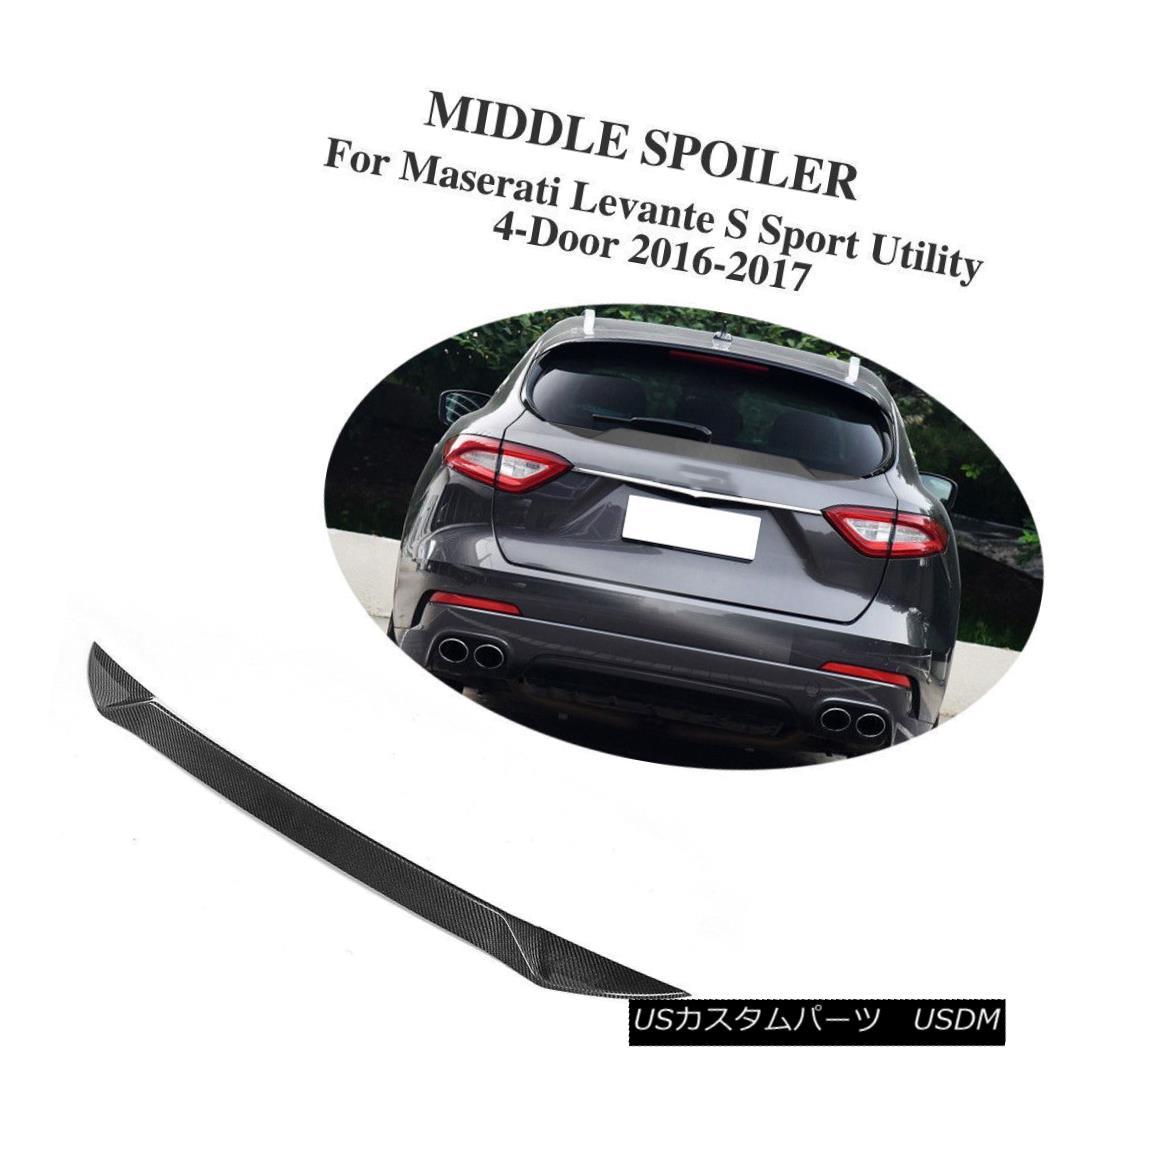 エアロパーツ Middle Spoiler Carbon Fiber Fit For Maserati Levante Sport Utility 4-Door 16-17 Maserati Levante Sport Utility 4-Door 16-17用ミドルスポイラーカーボンファイバー